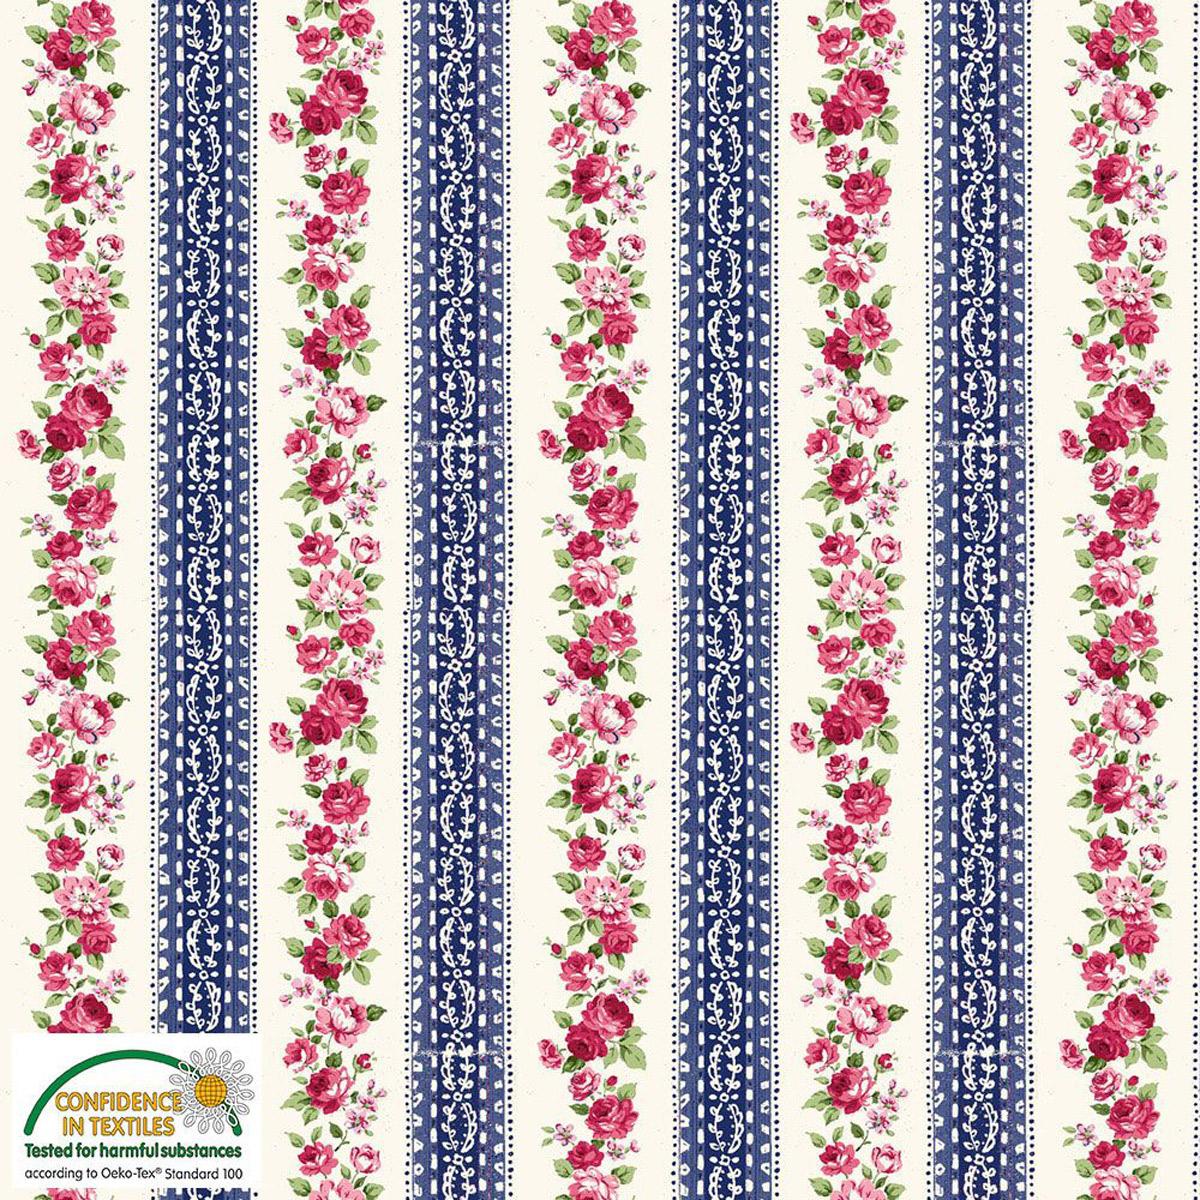 Книт ткани для пэчворка оптом заказать лекало для производства